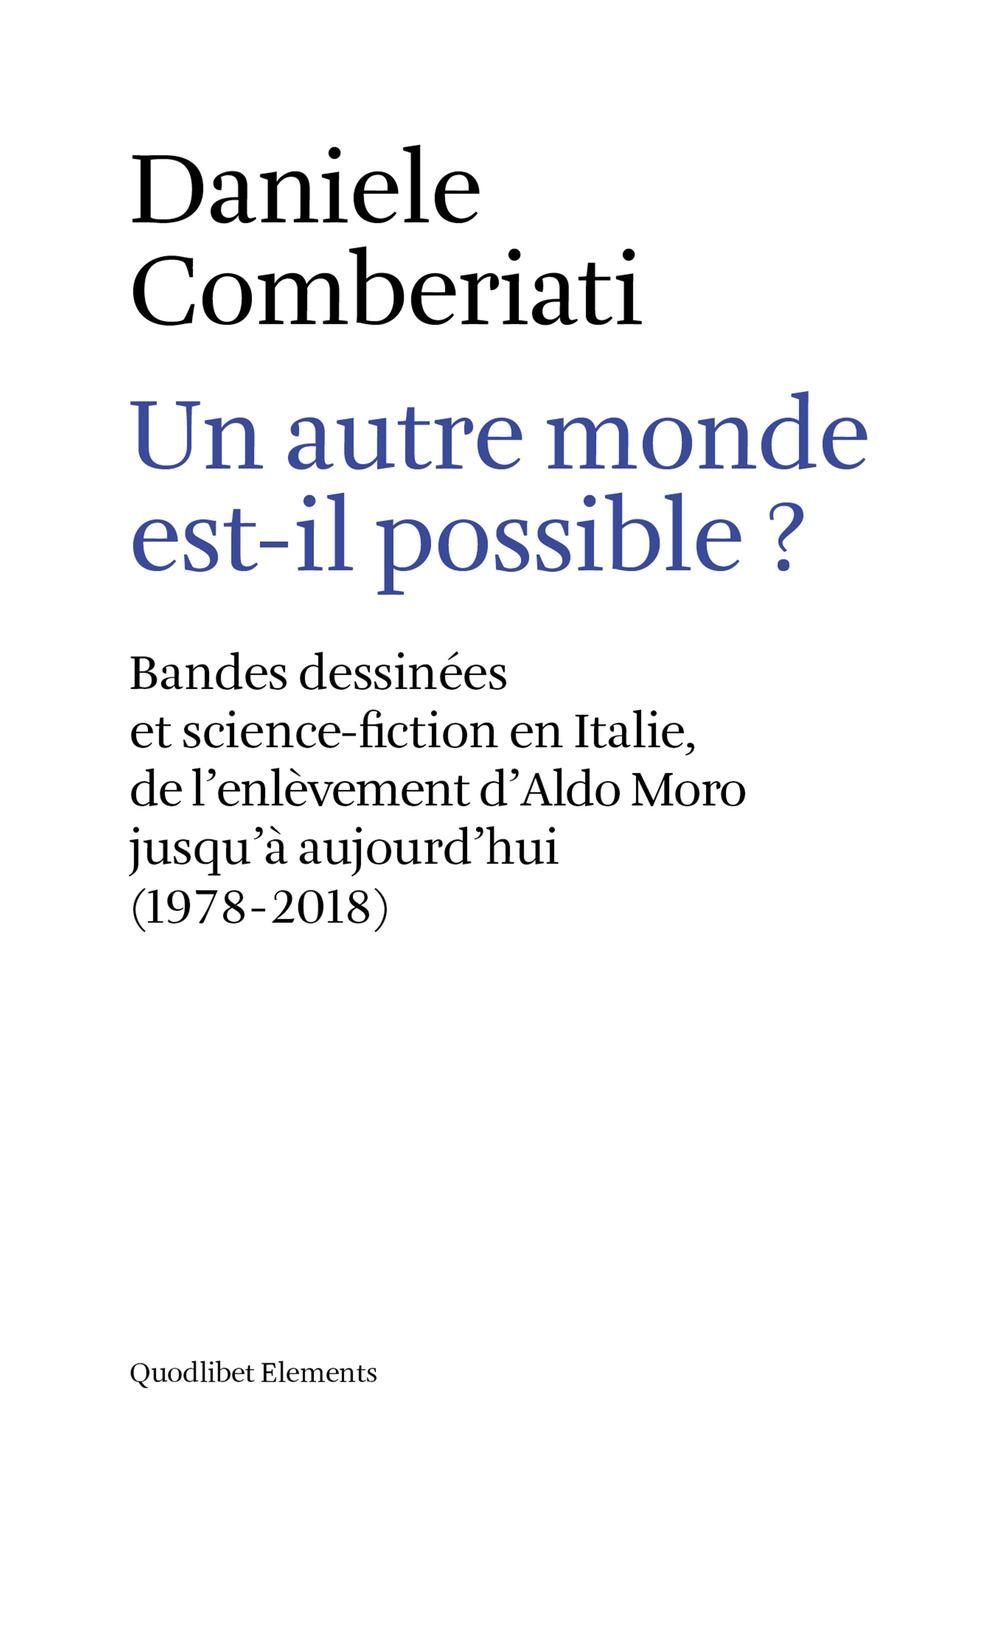 AUTRE MONDE EST-IL POSSIBLE? BANDES DESSINÉES ET SCIENCE-FICTION EN ITALIE, DE L'ENLÈVEMENT D'ALDO MORO JUSQU'À AUJOURD'HUI (1978-2018). EDIZ. MULTILINGUE (UN) - 9788822903327